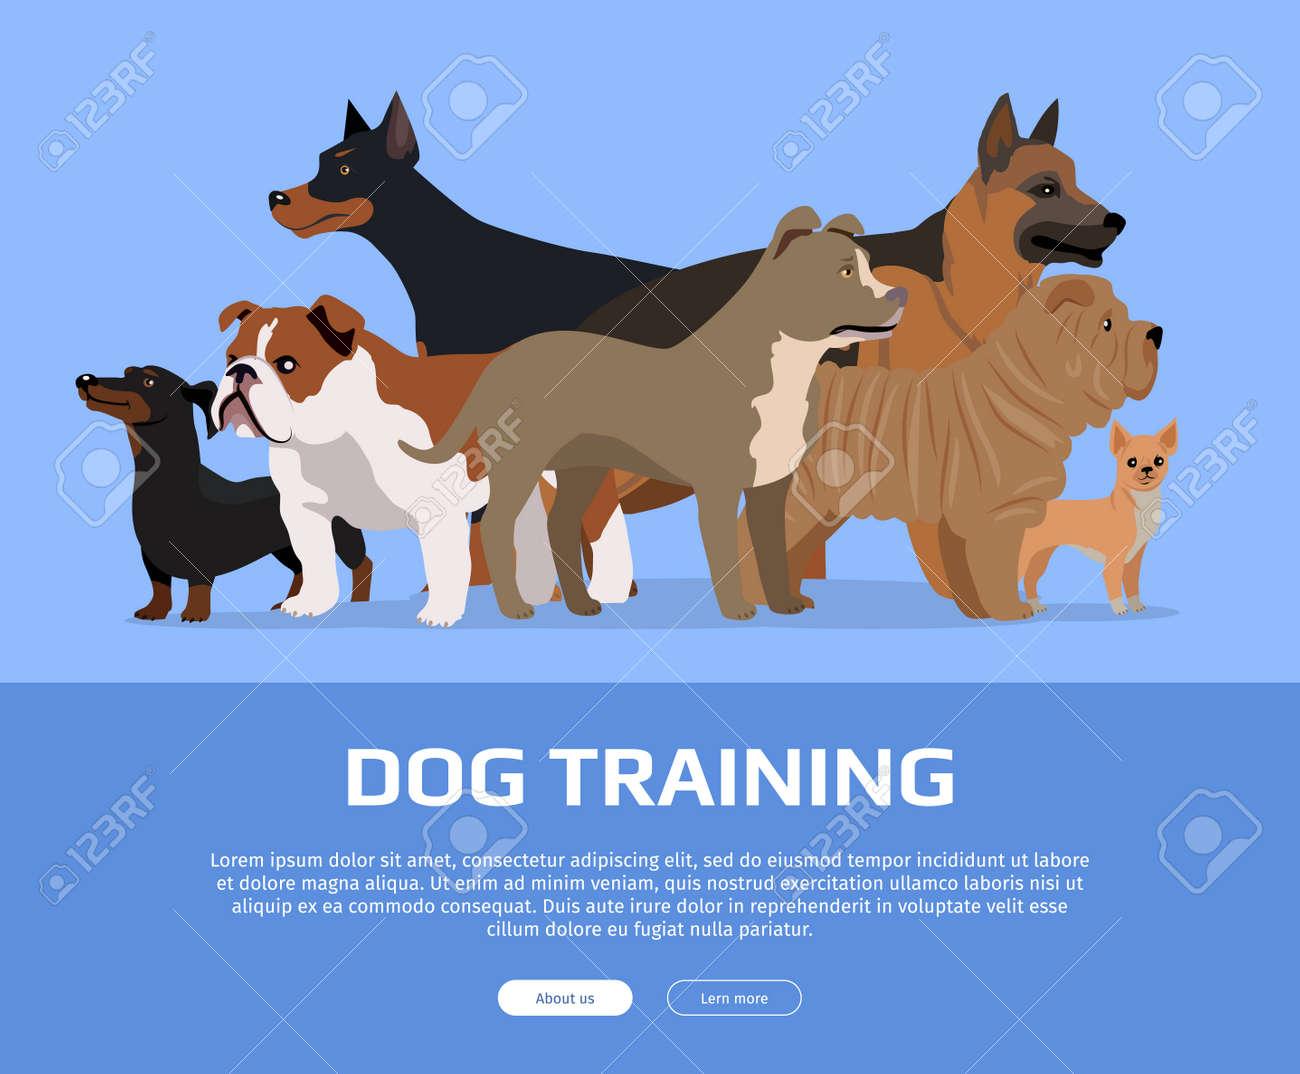 Dog Training Ads